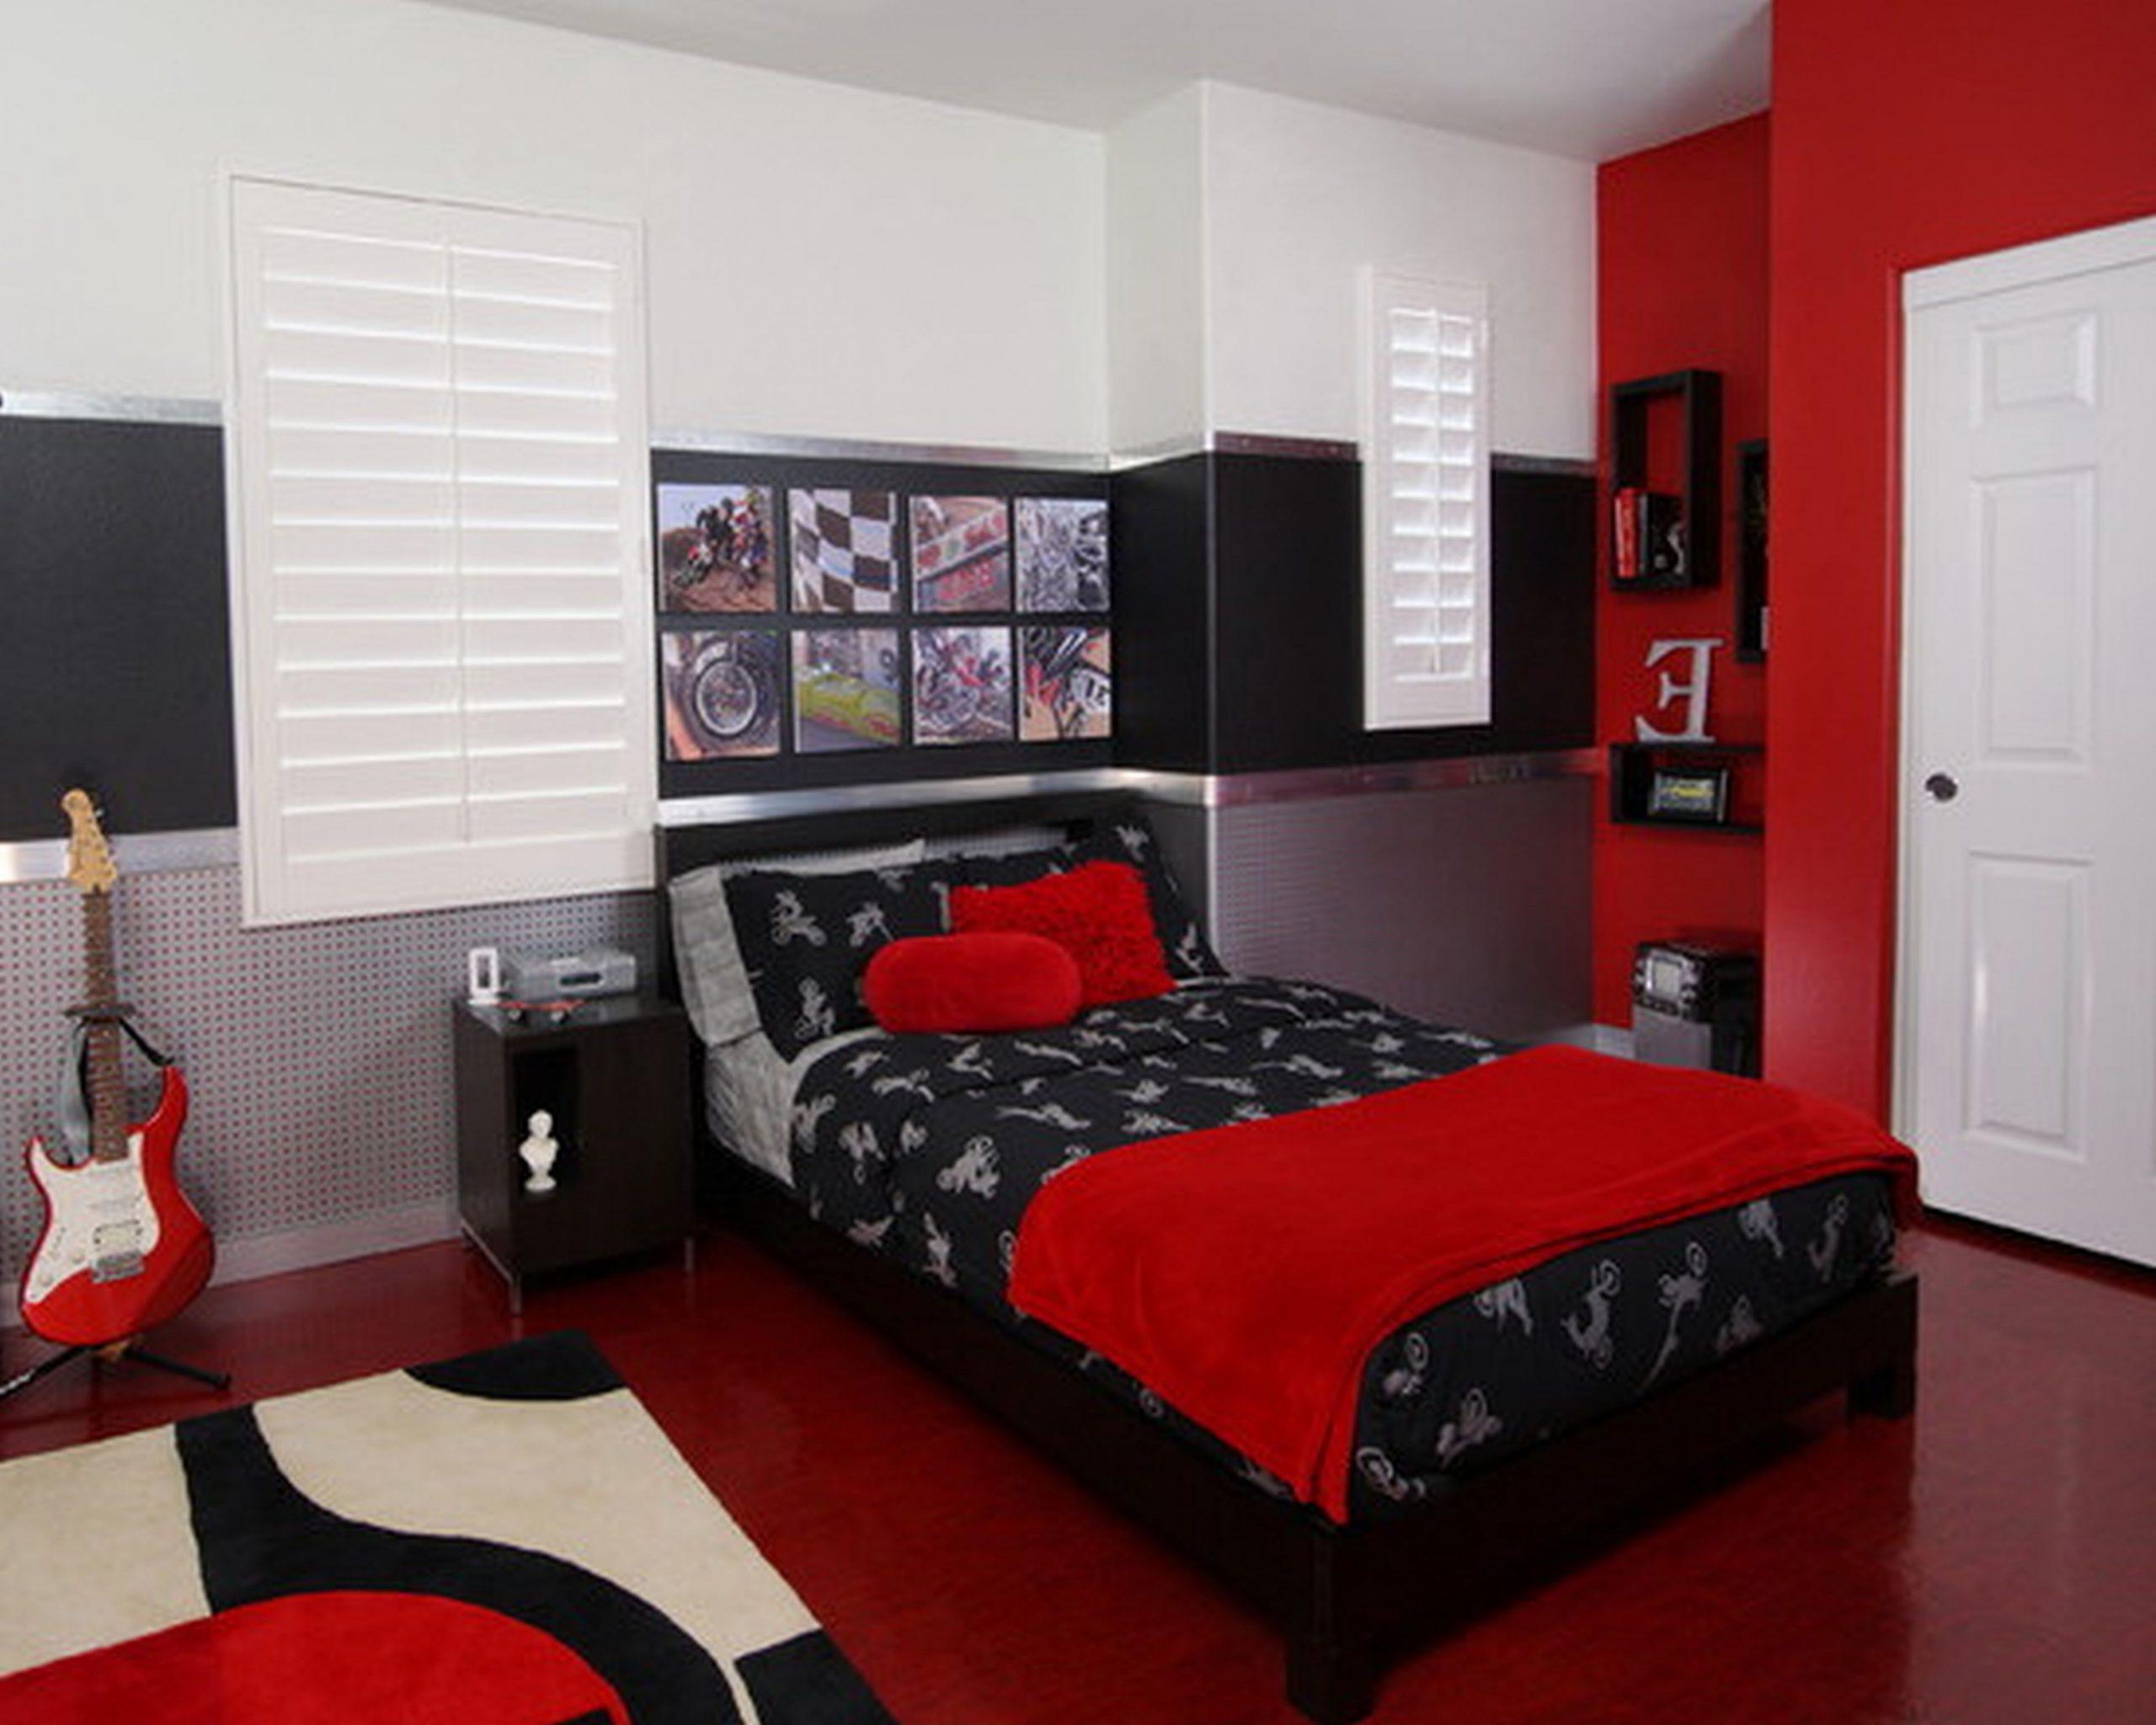 decoration9.com